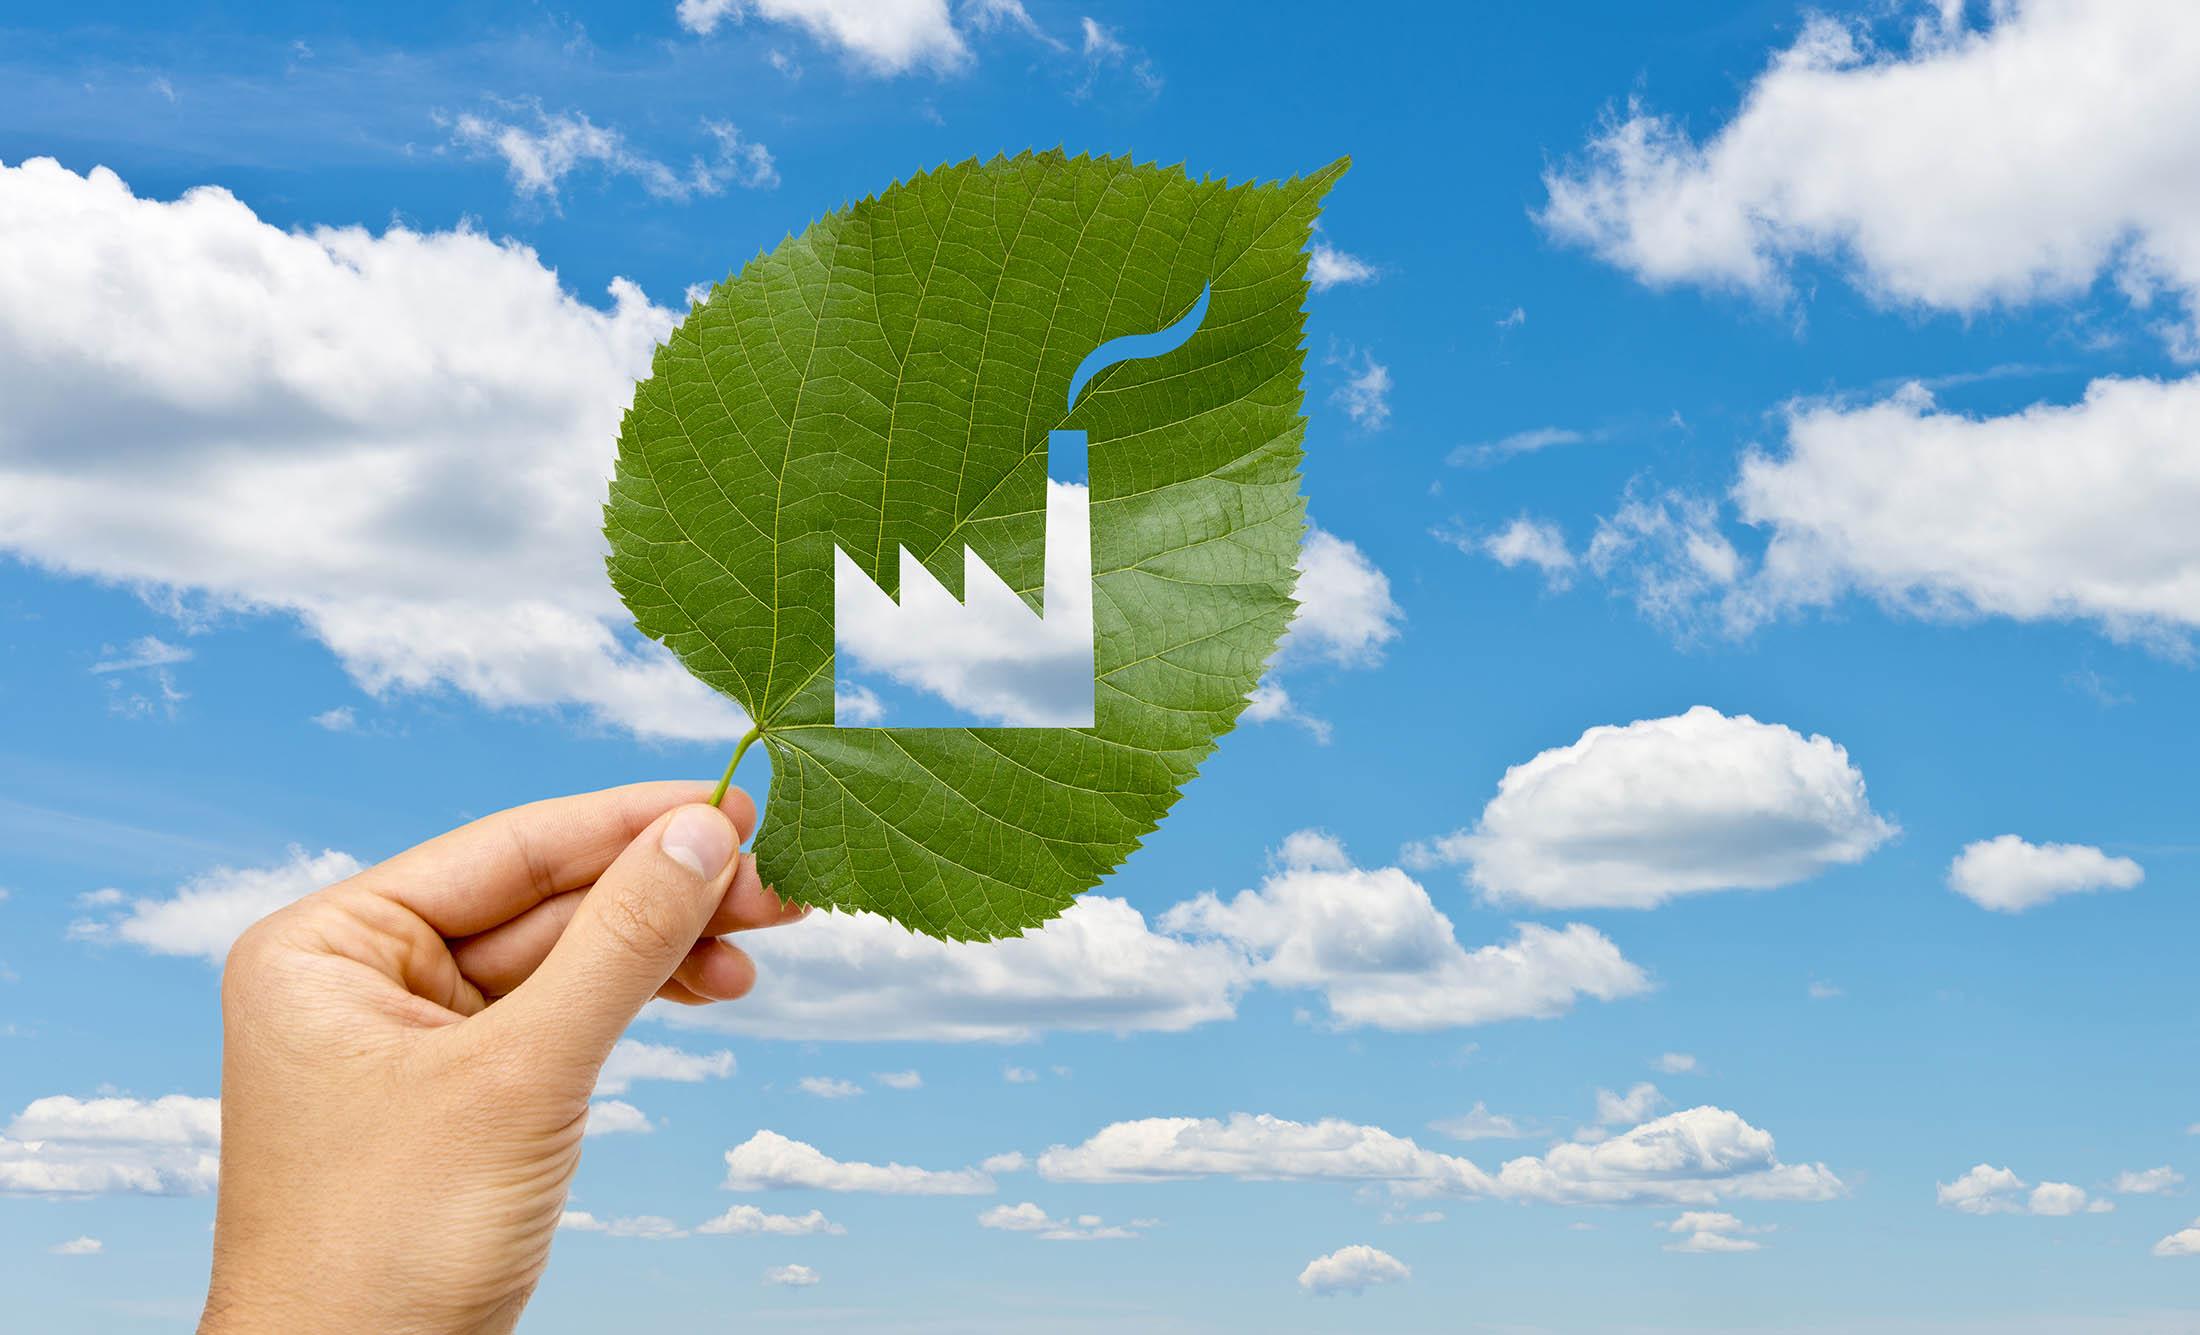 Ingenieurbüro Planungsbüro Umweltschutz Architektur Energieeinsparung